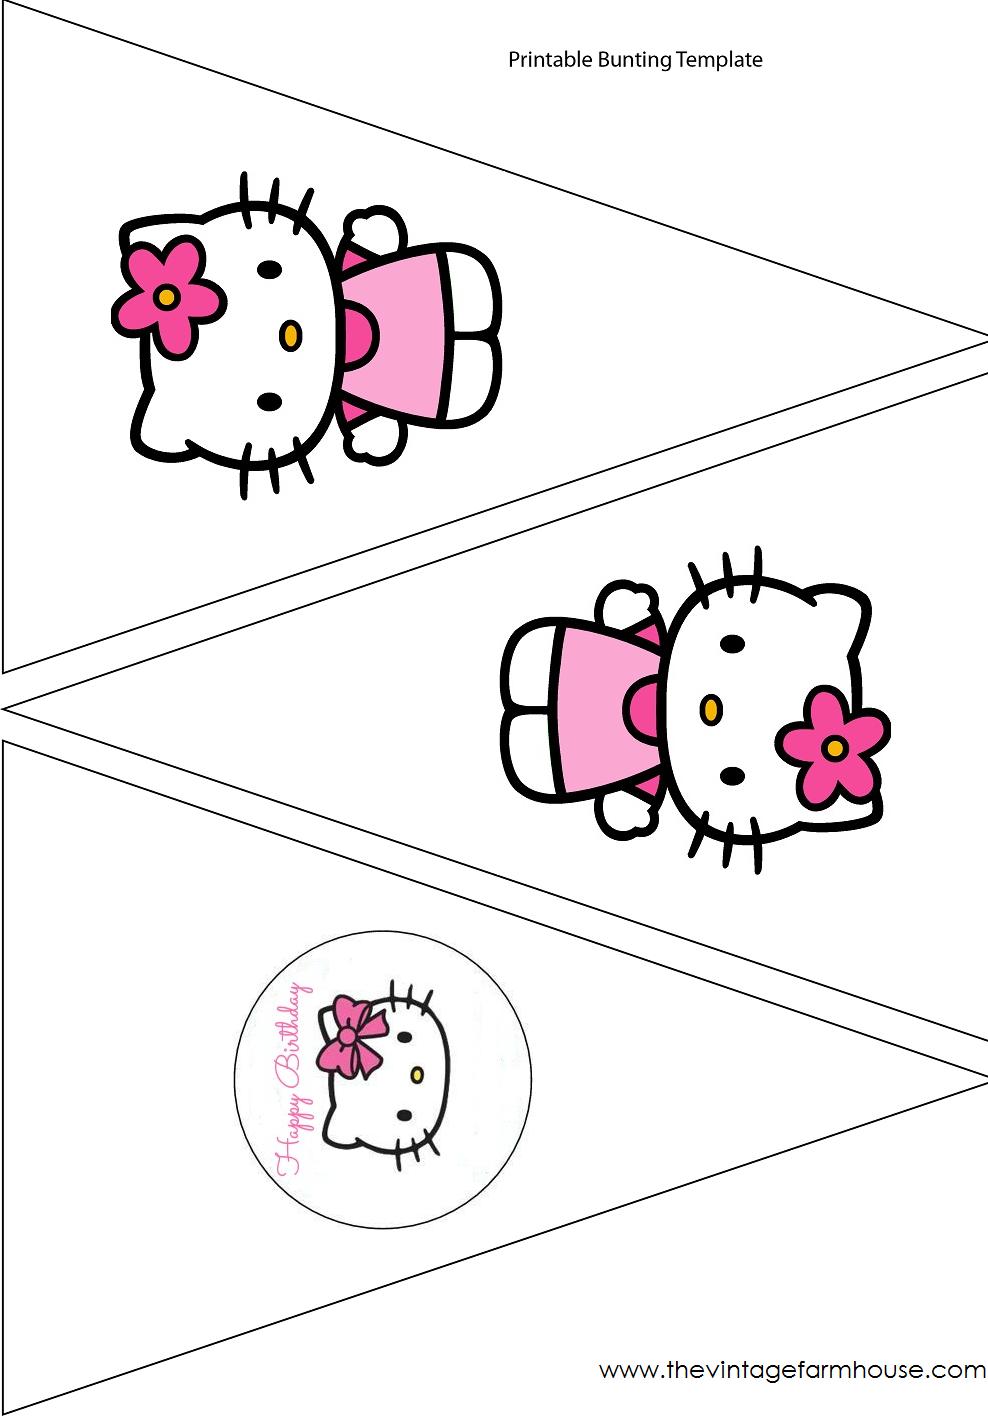 The Vintage Farmhouse: Hello Kitty Party & Free Printables | Для - Free Printable Hello Kitty Pictures